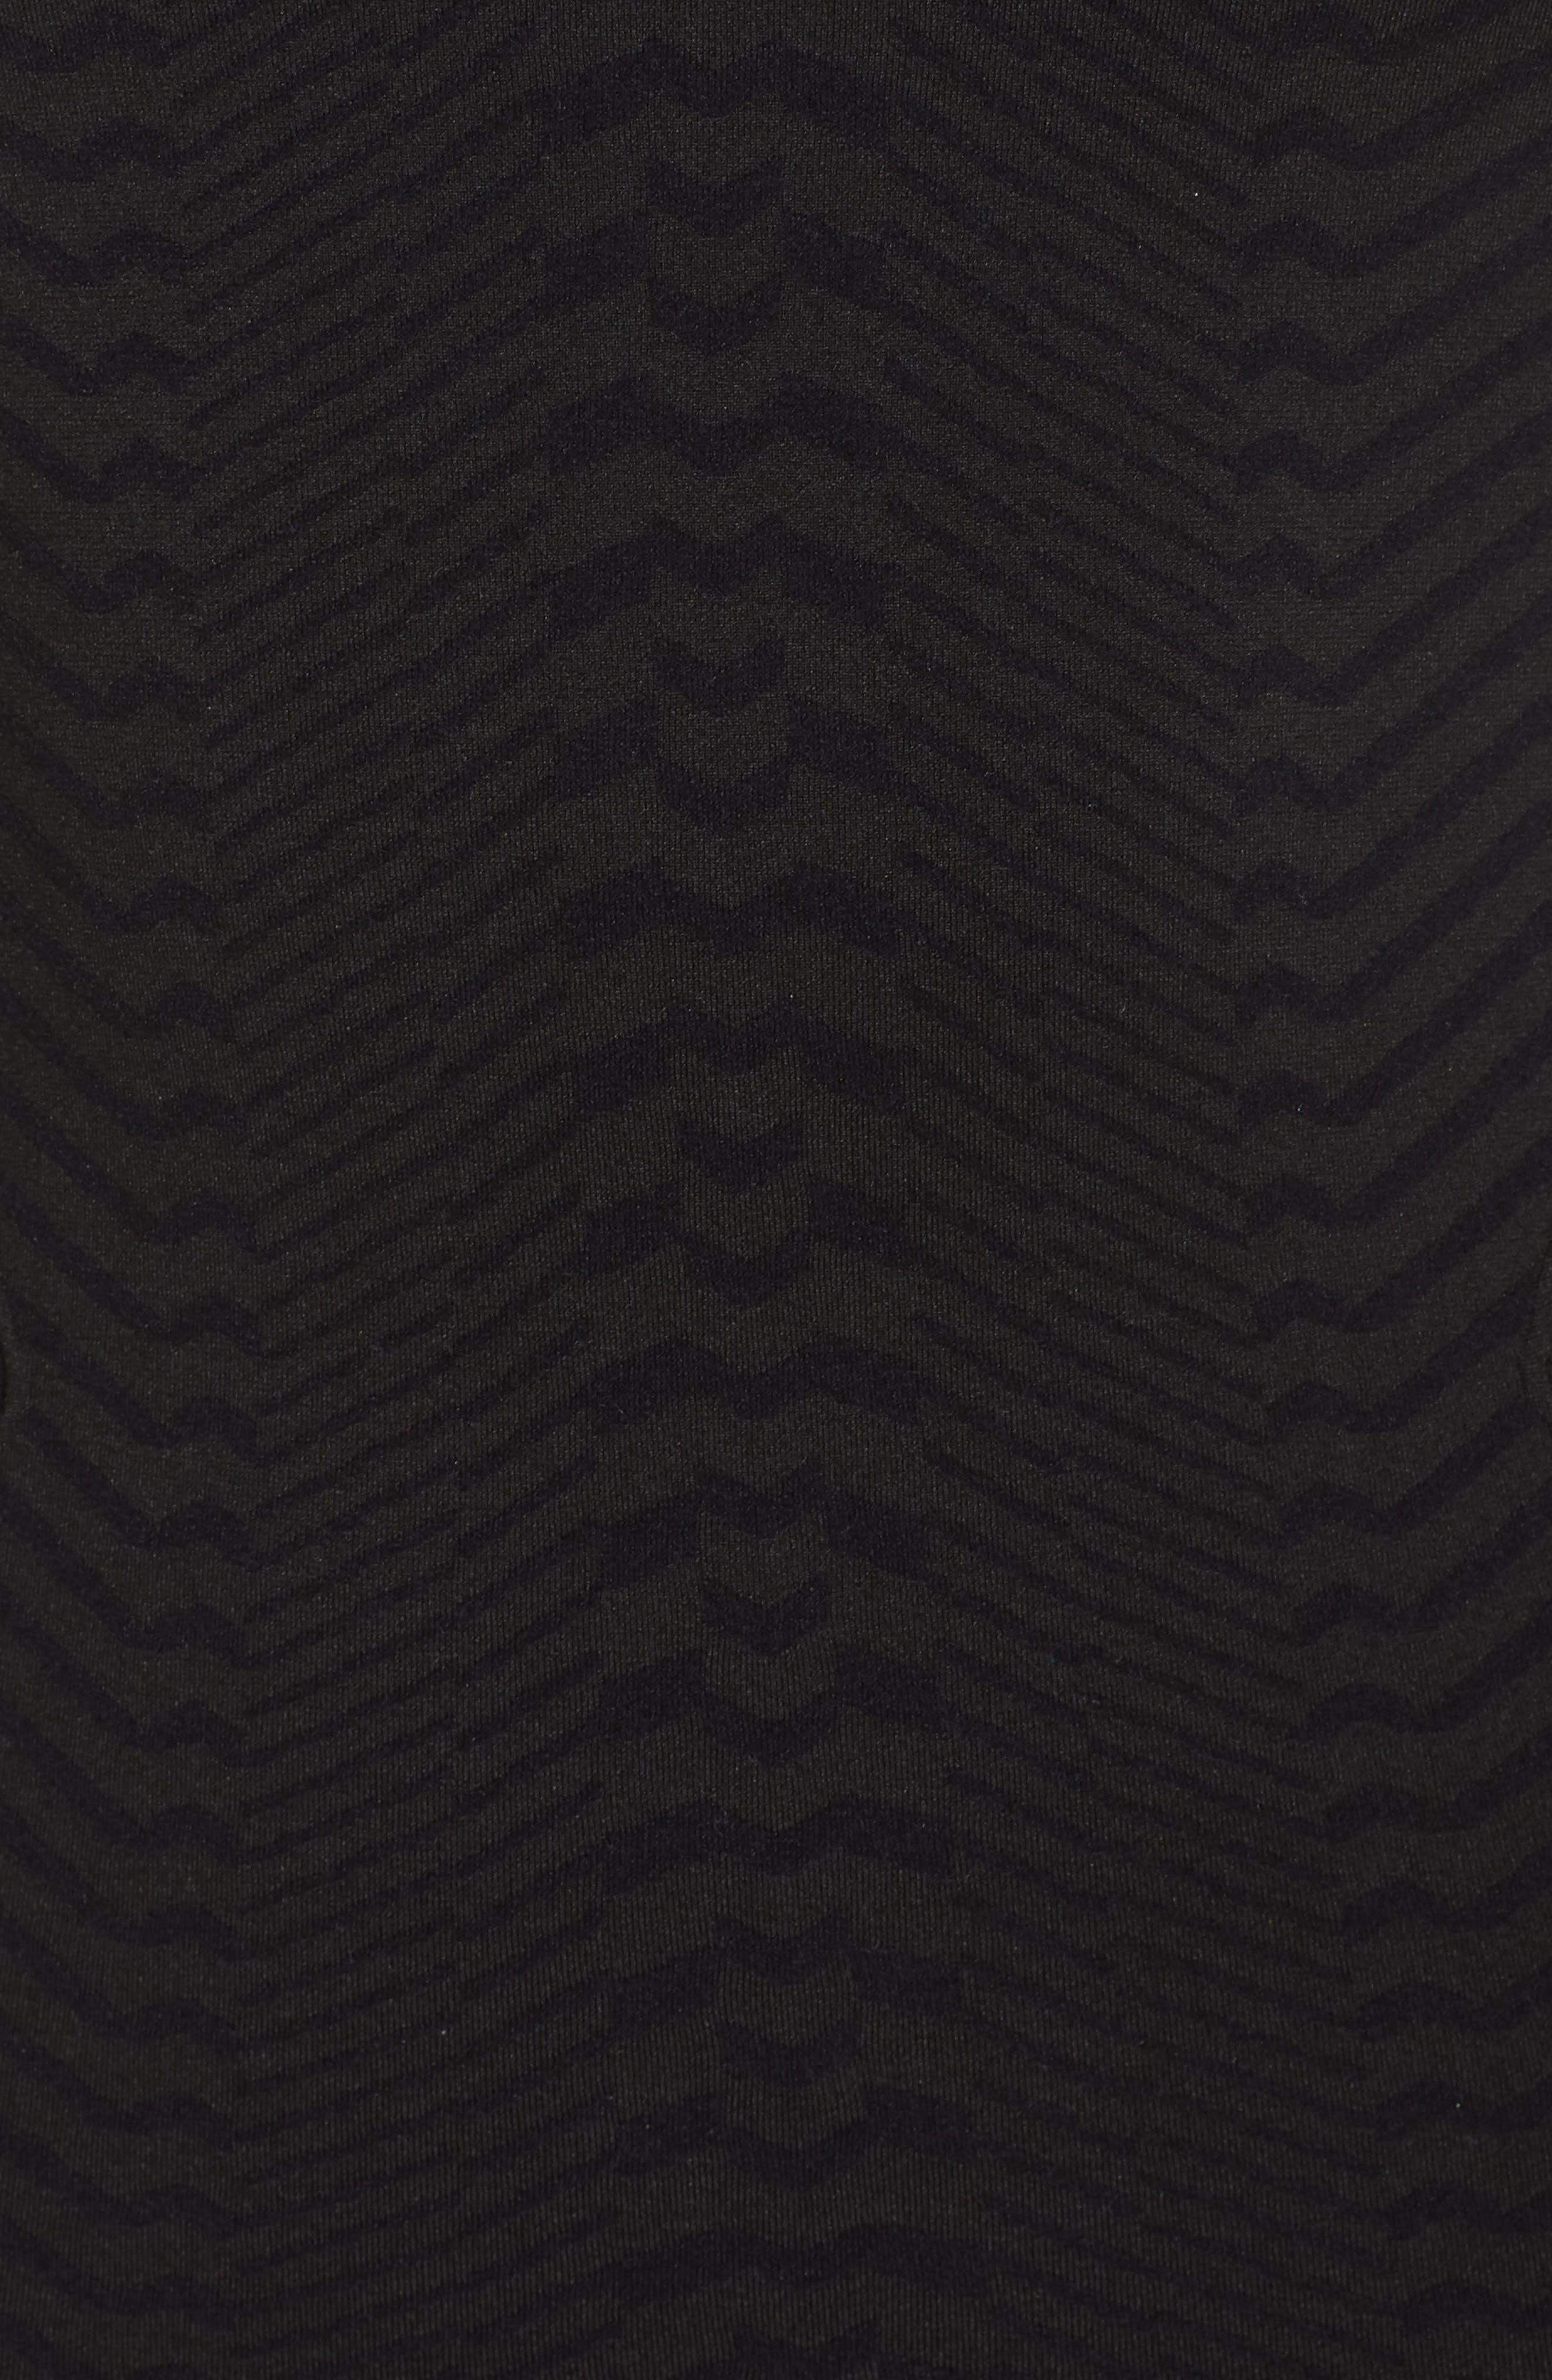 Vivacity Camisole,                             Alternate thumbnail 6, color,                             Black